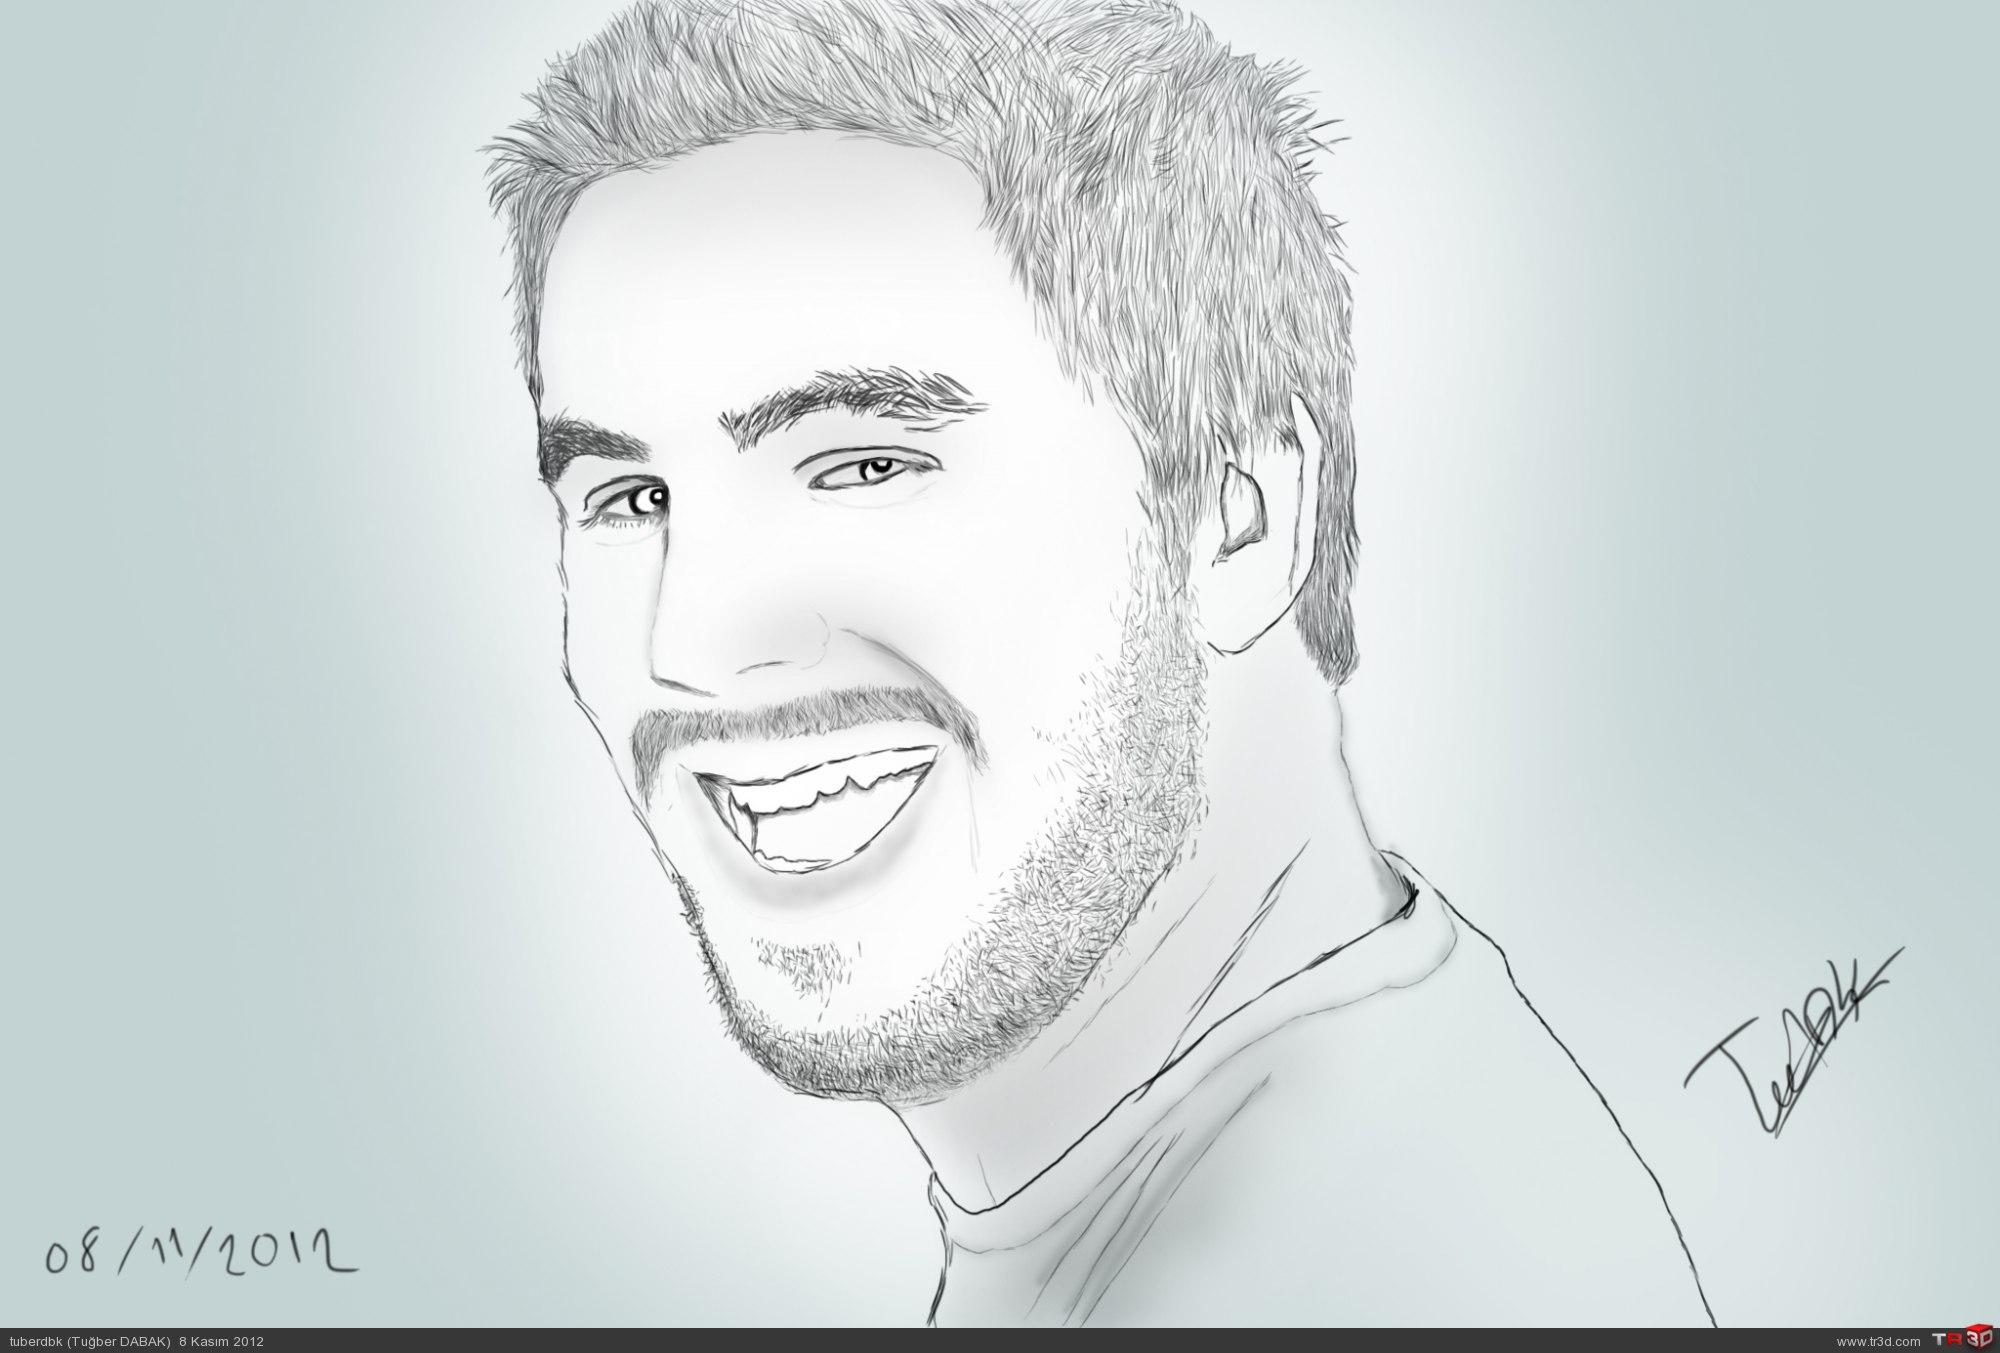 ilk çizim